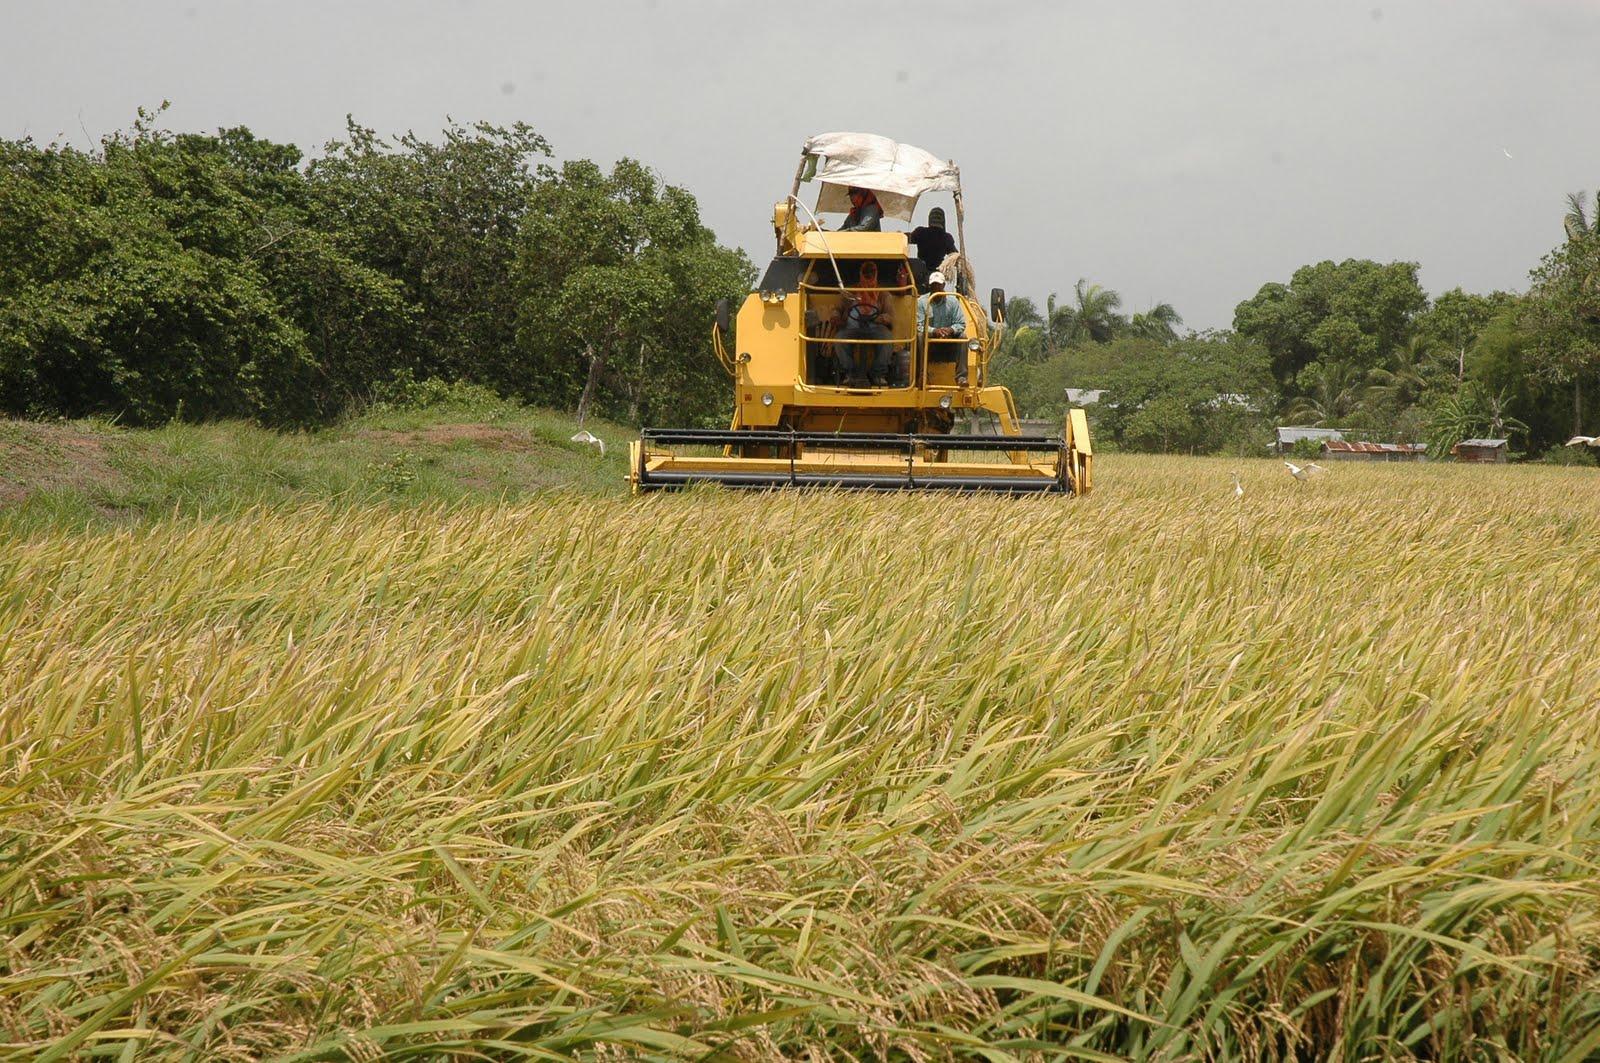 Productores de arroz piden ayuda al Gobierno ante fuerte sequía